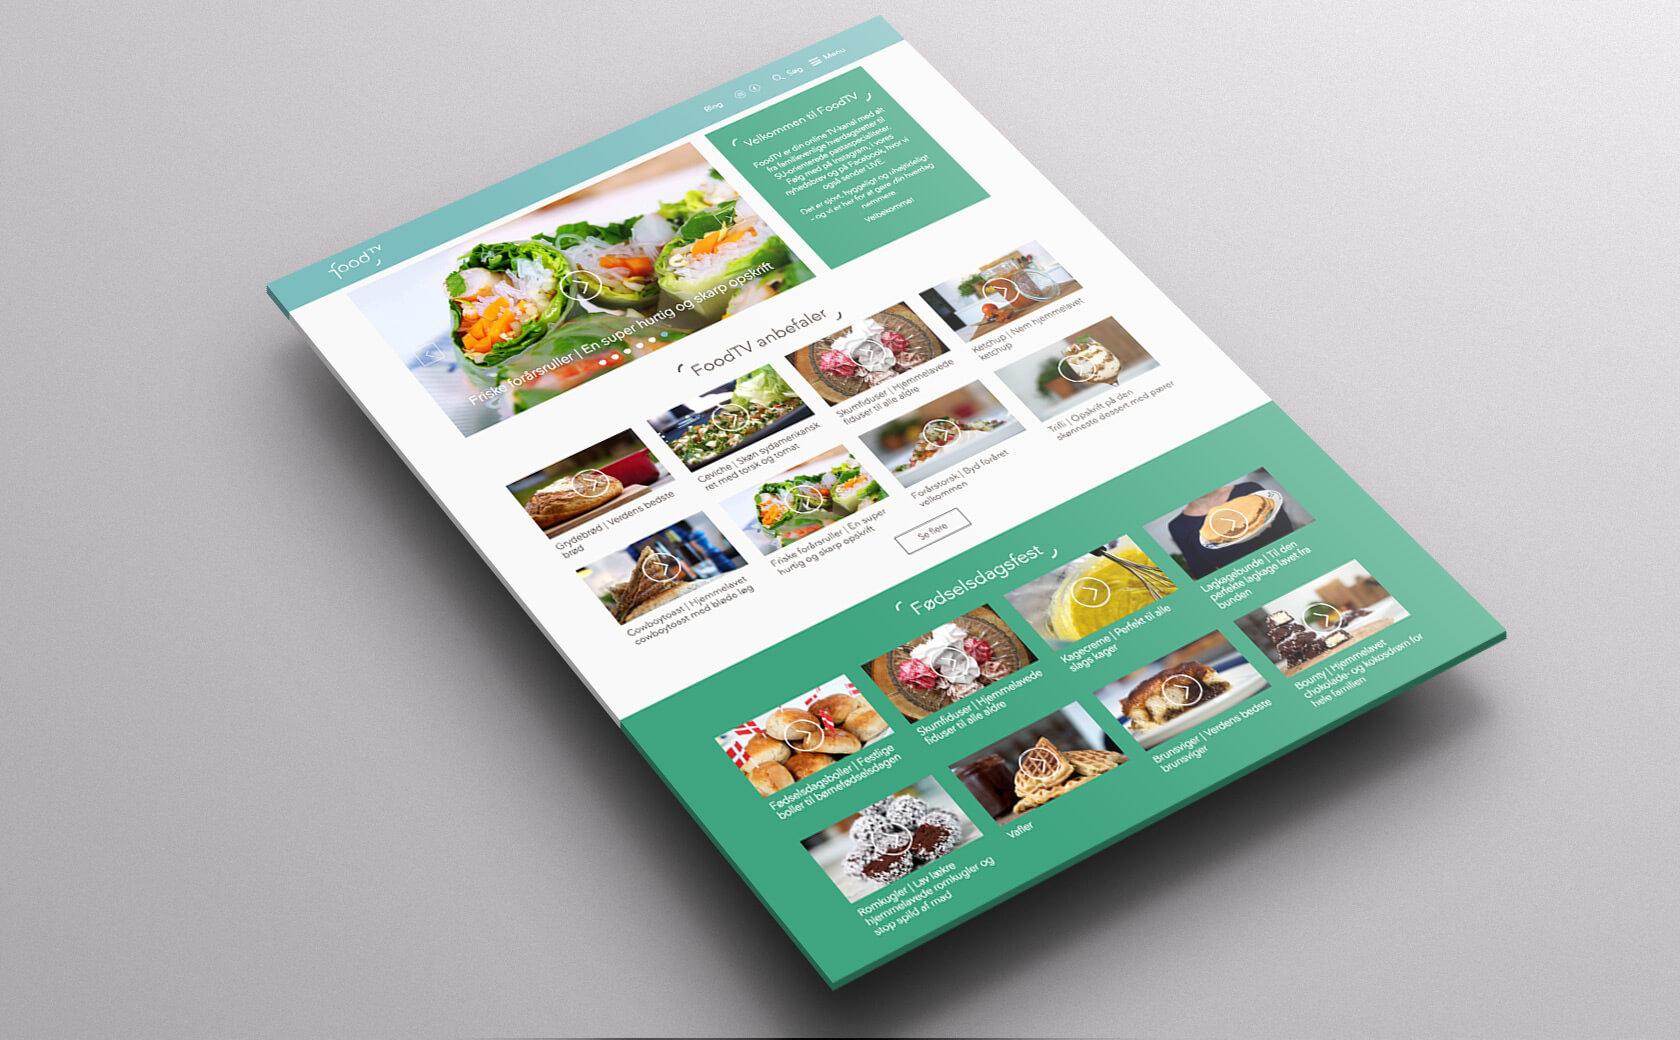 FoodTV_iPad-flowed_01.jpg